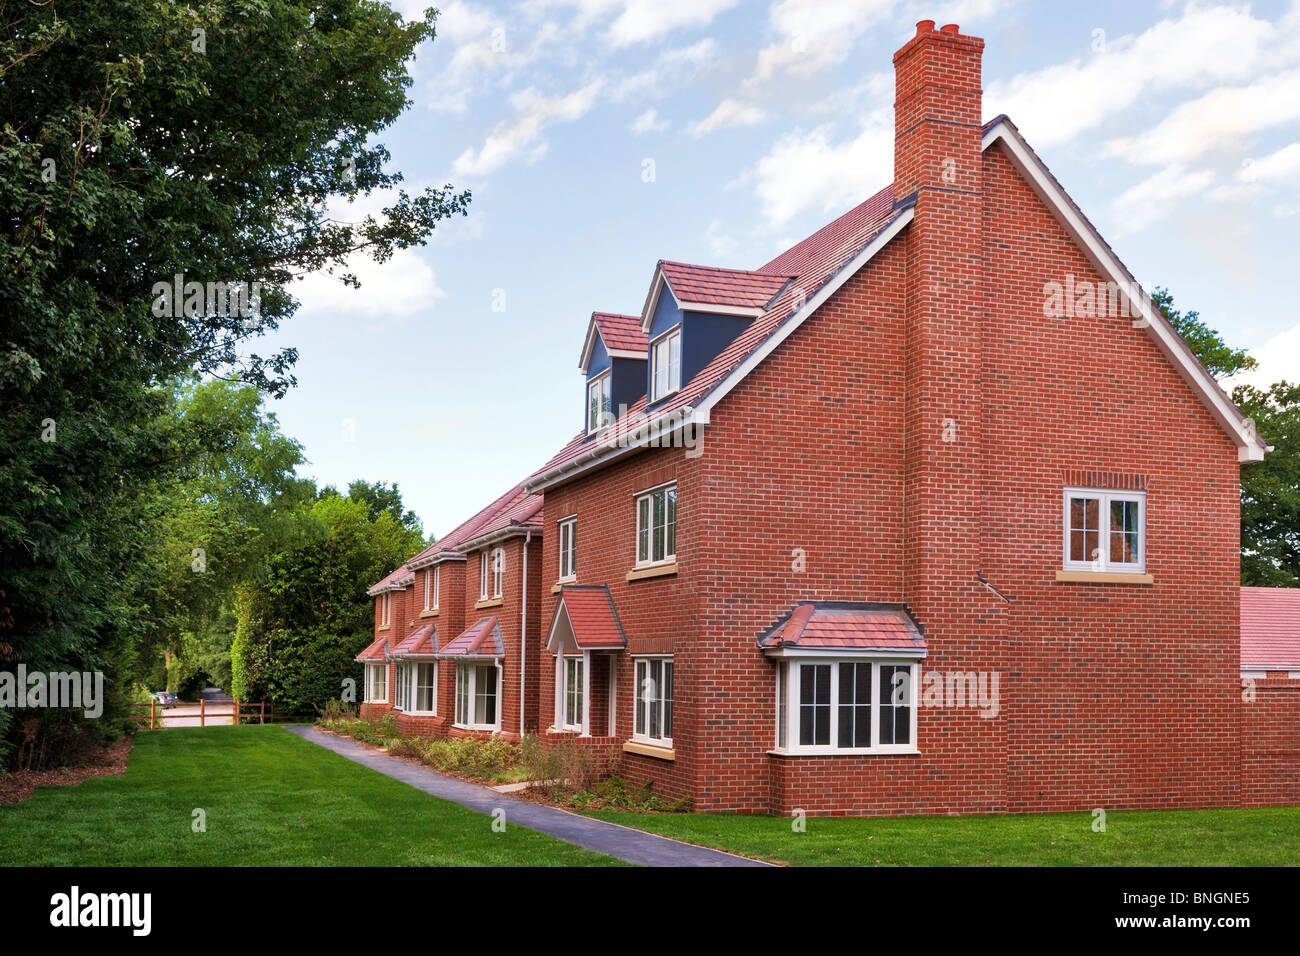 Une rangée de nouvelles maisons en brique rouge vide sur un développement immobilier de l'habitation Photo Stock